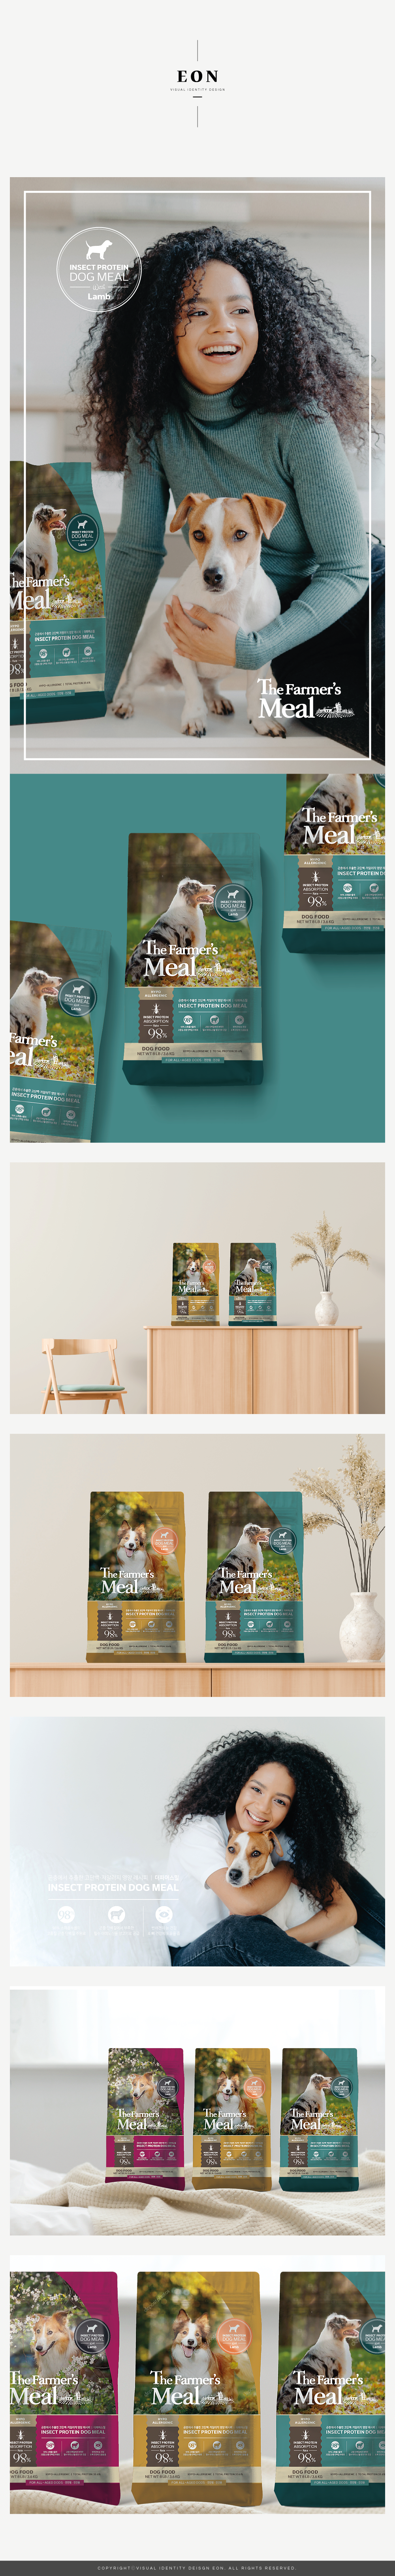 패키지 디자인 | 반려견 사료 제품 포장지(PP) 디자인 의뢰 | 라우드소싱 포트폴리오